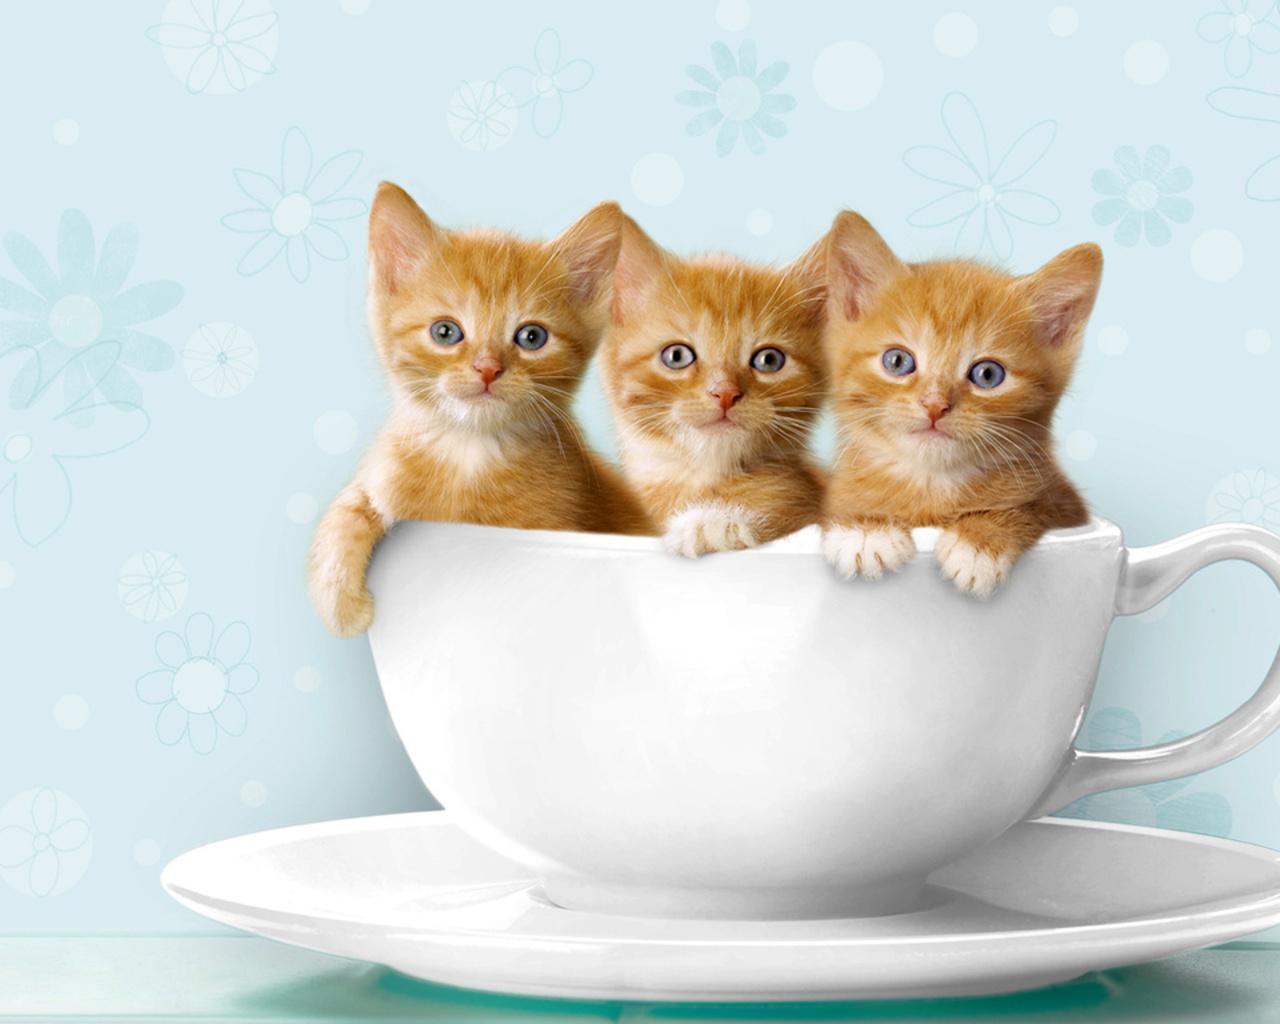 Nhà có 3 anh em, nhìn 3 chú mèo thật sự rất đáng yêu,bức ảnh thật đẹp mắt khi 3 chú mèo được nằm gọn trong một chiếc tách uống nước và ...